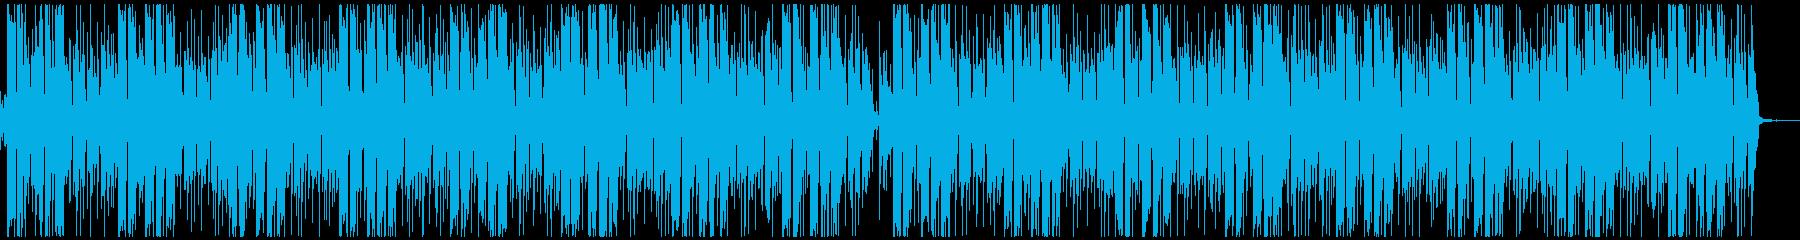 キレと疾走感のあるポストロックの再生済みの波形